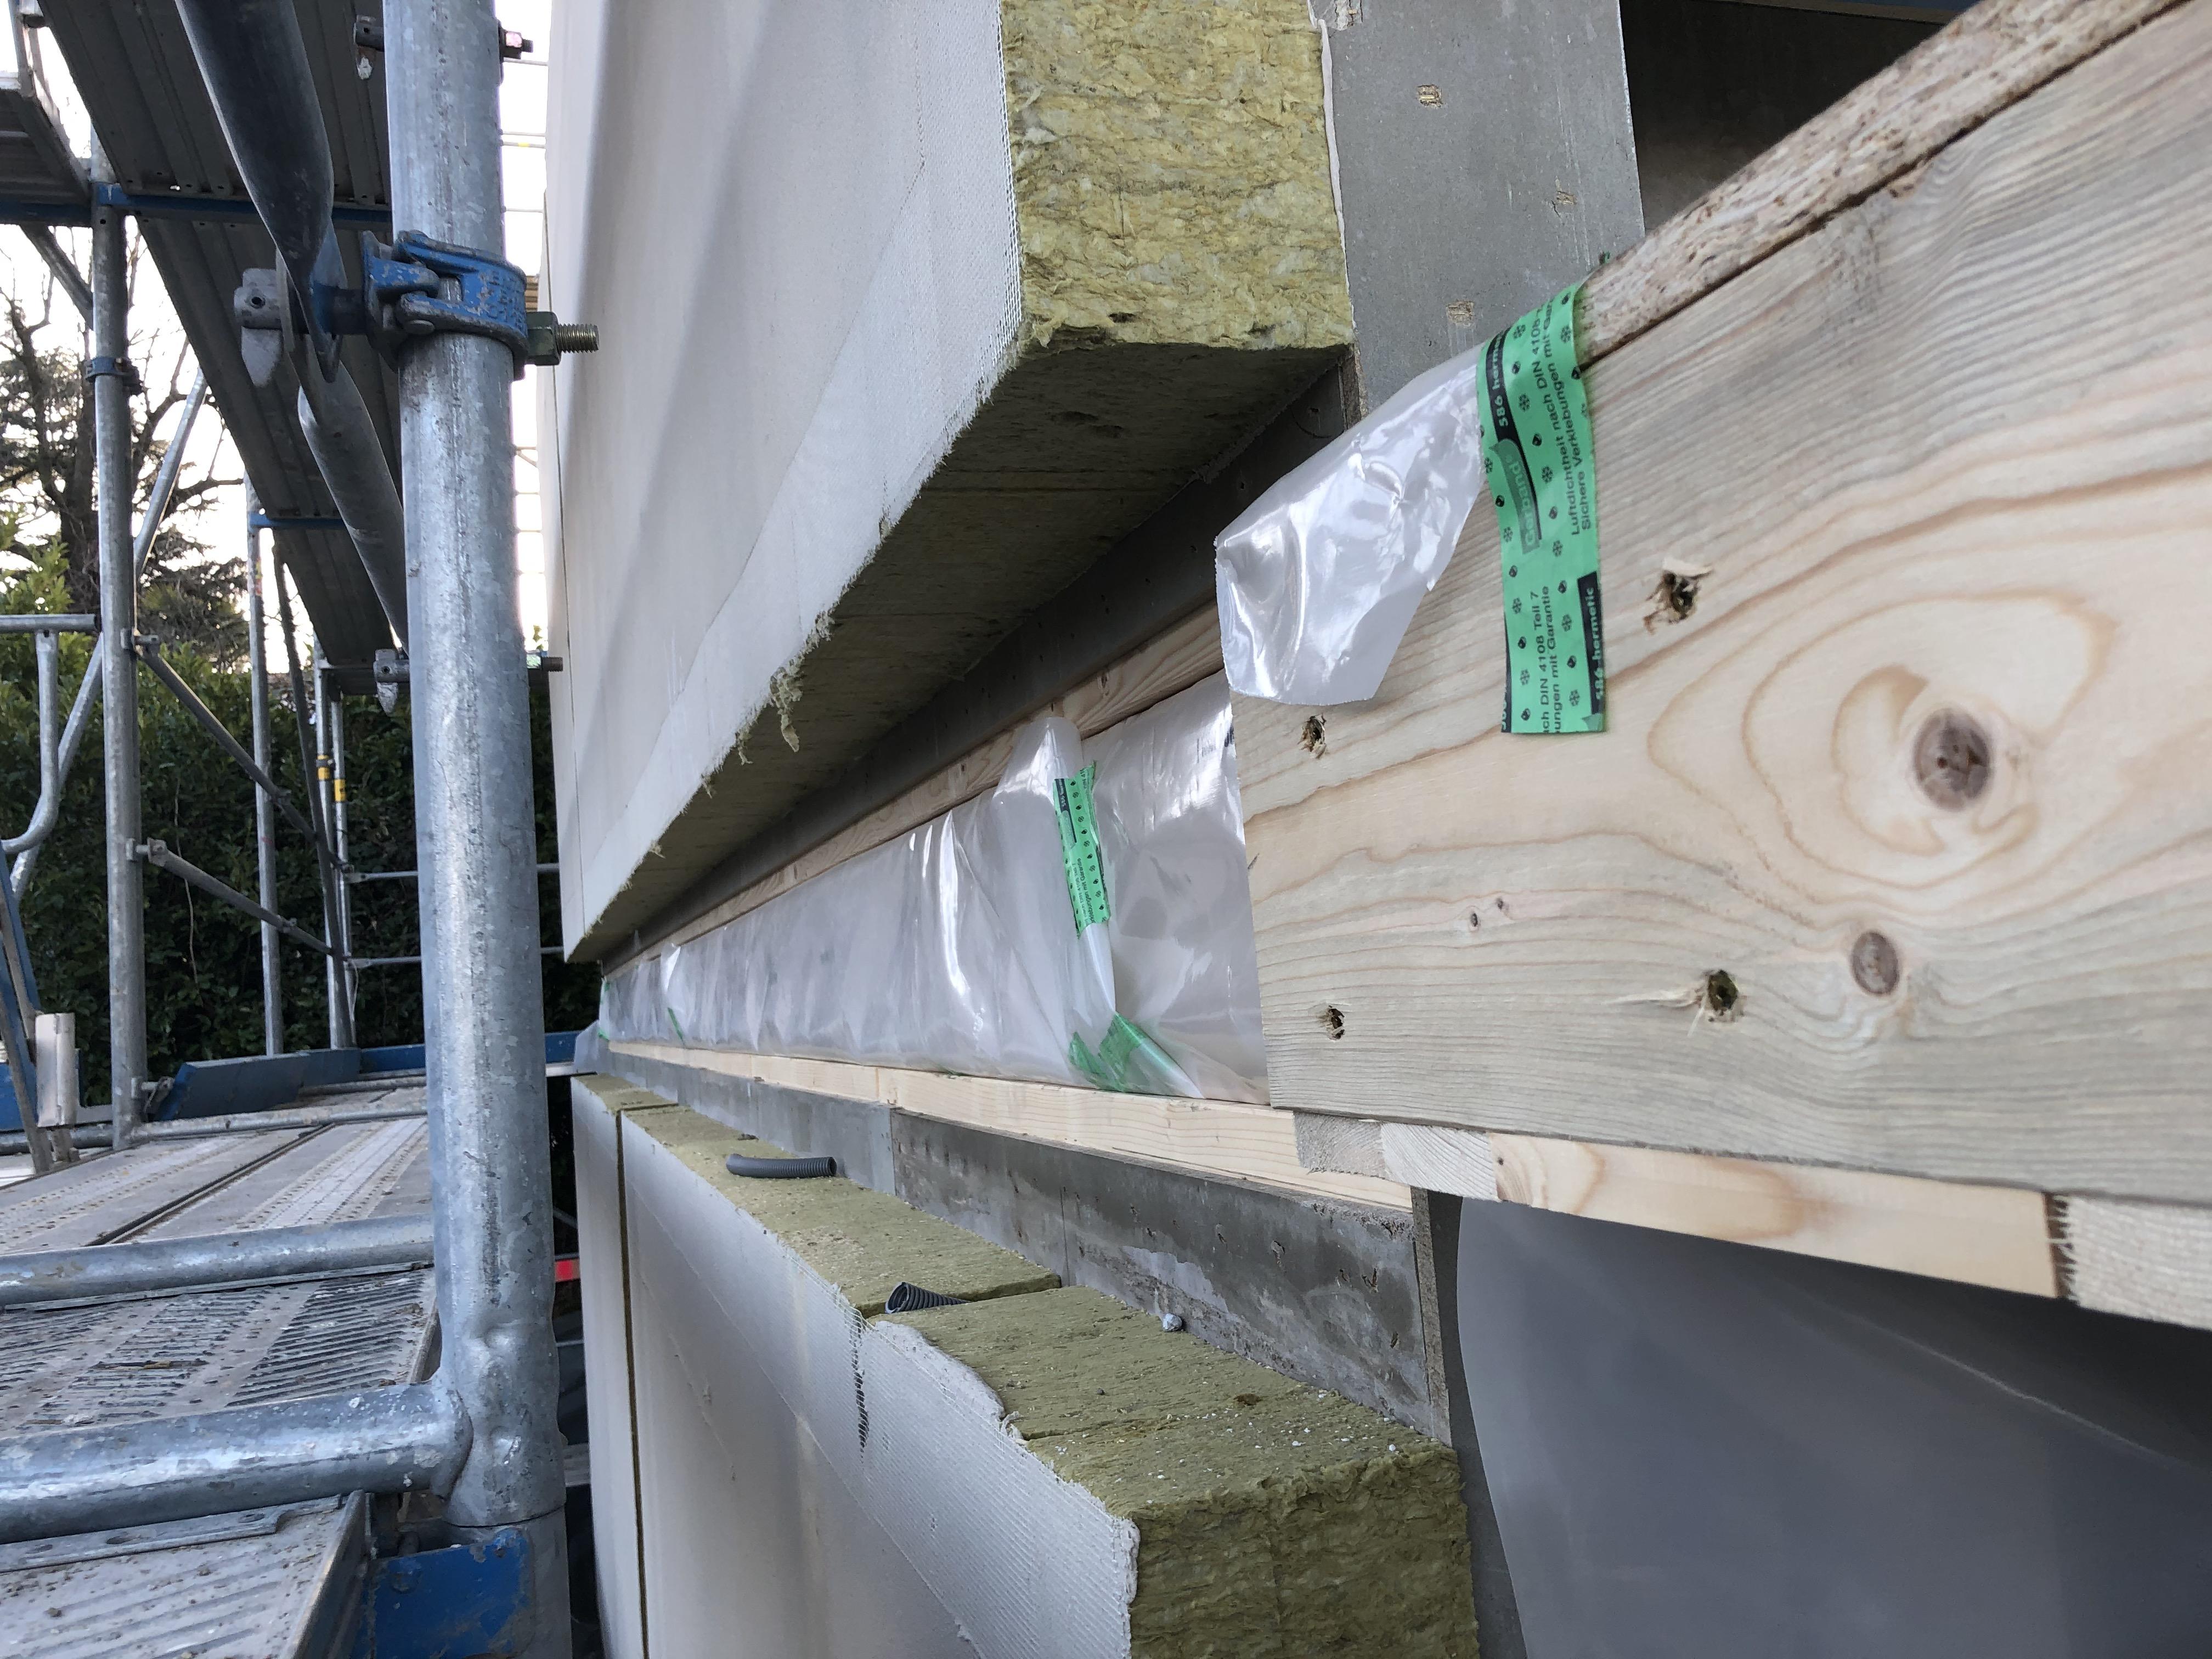 Dettaglio parete pt-solaio-parete 1°p